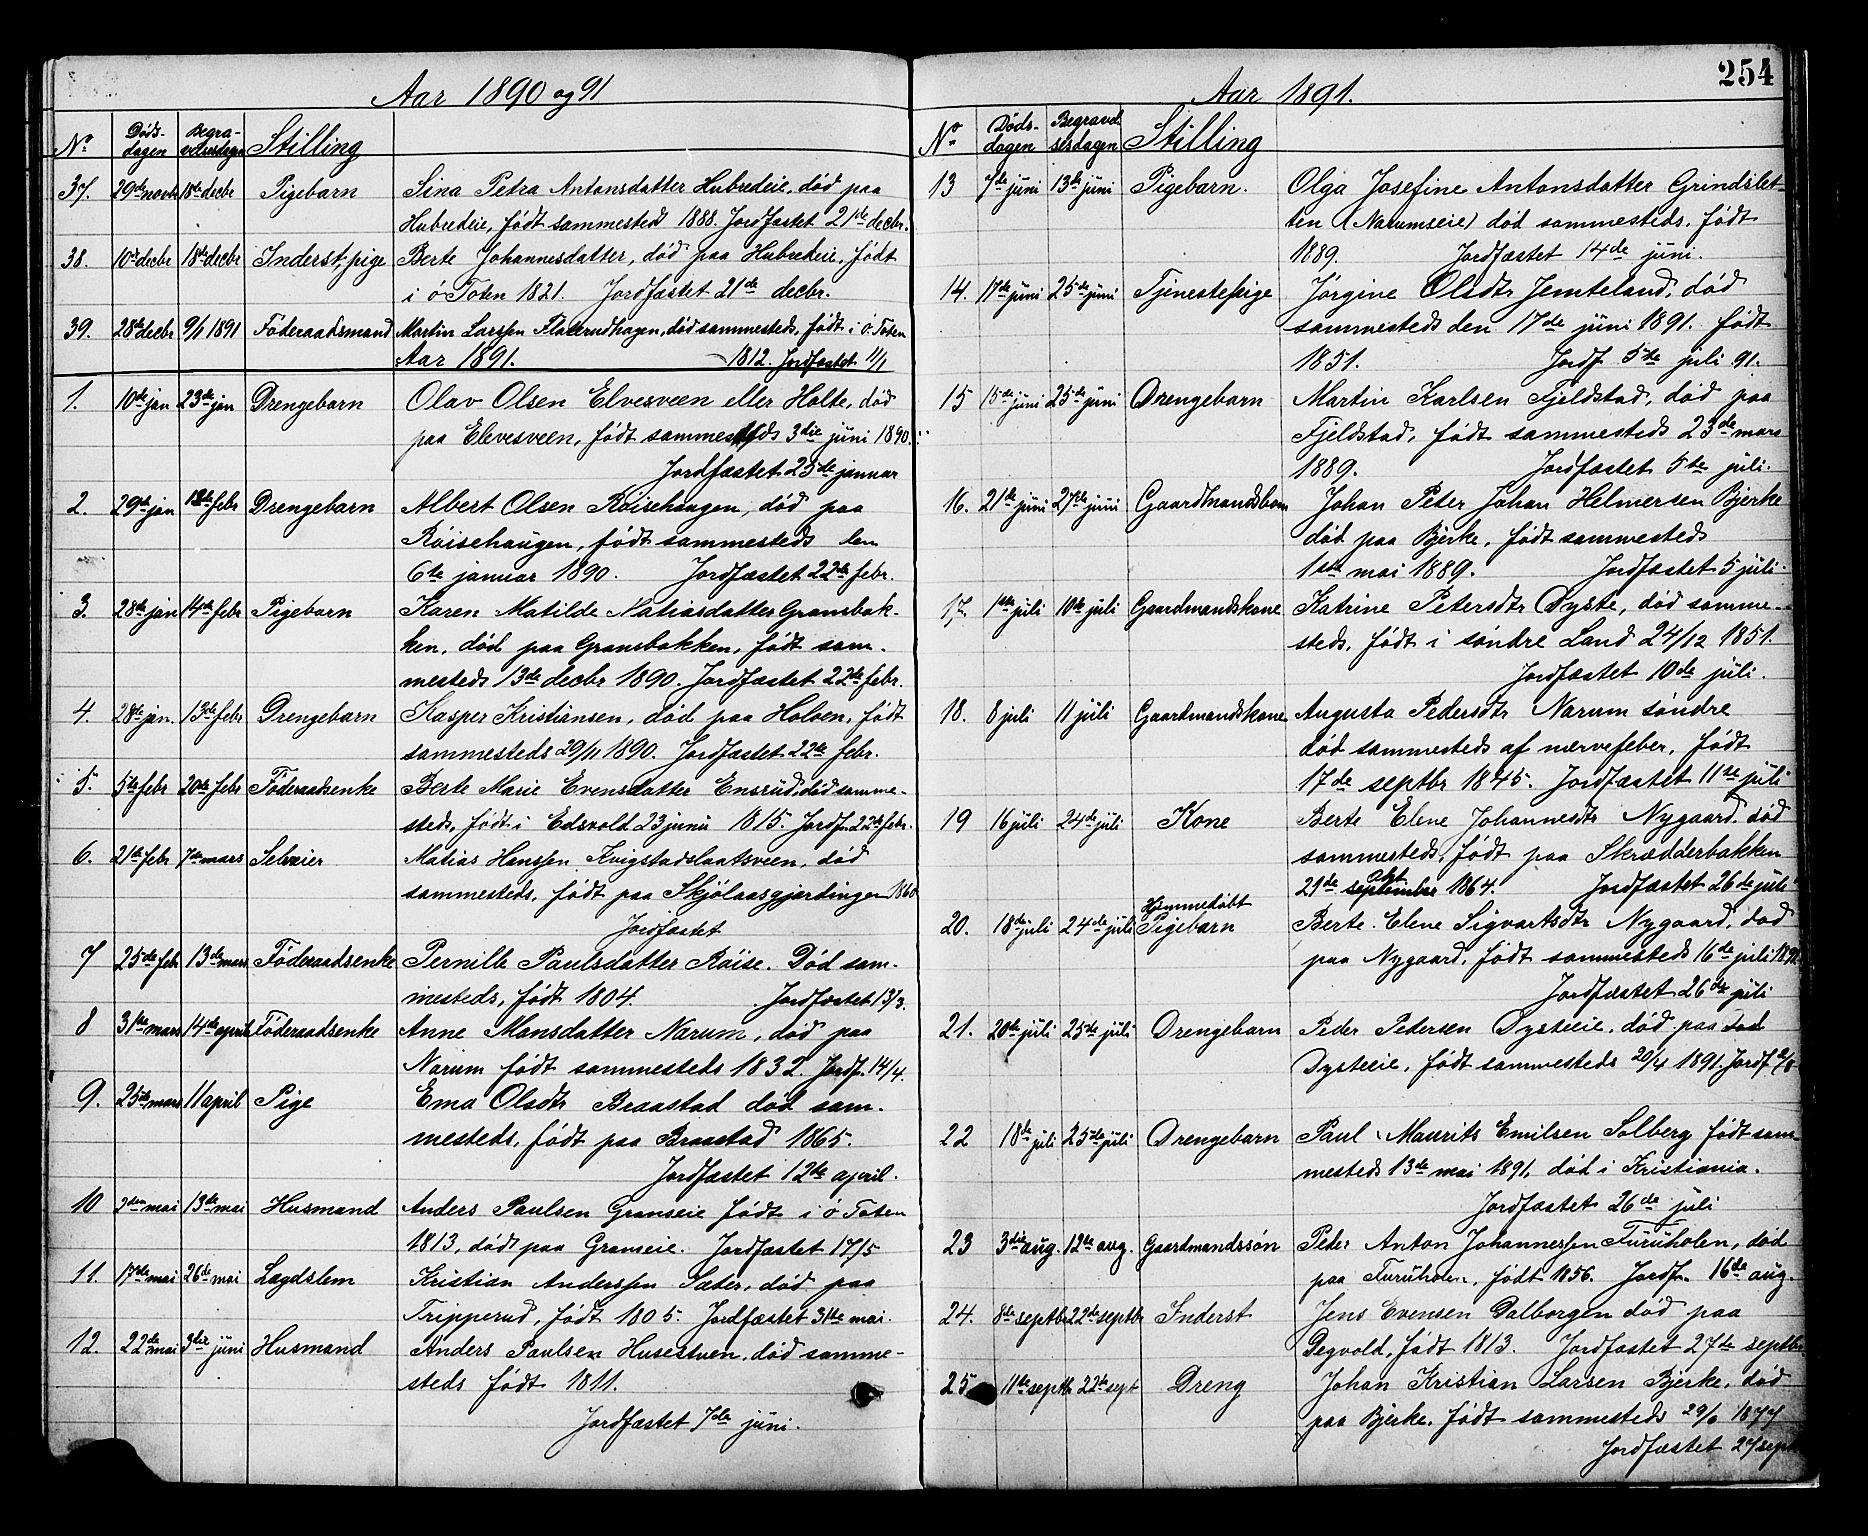 SAH, Vestre Toten prestekontor, H/Ha/Hab/L0008: Klokkerbok nr. 8, 1885-1900, s. 254